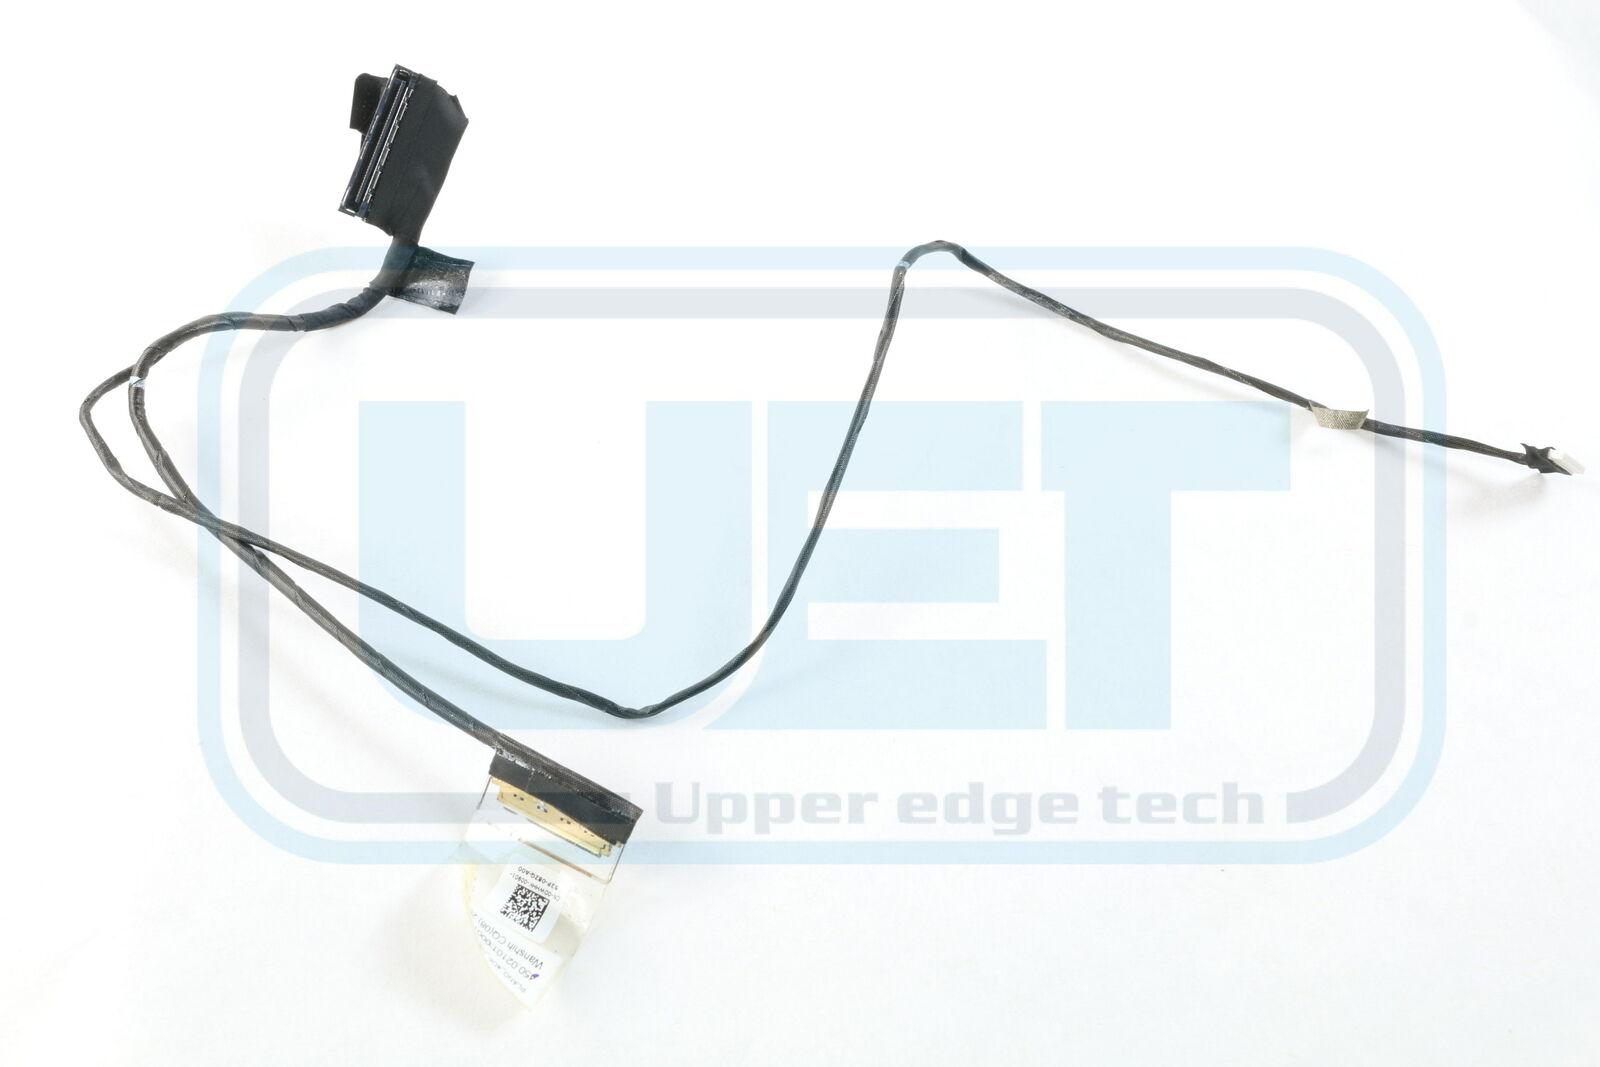 Dell Latitude 3150 Laptop LCD Flex Cable DWHHK 0DWHHK CN-0DWHHK 450.02101.1001